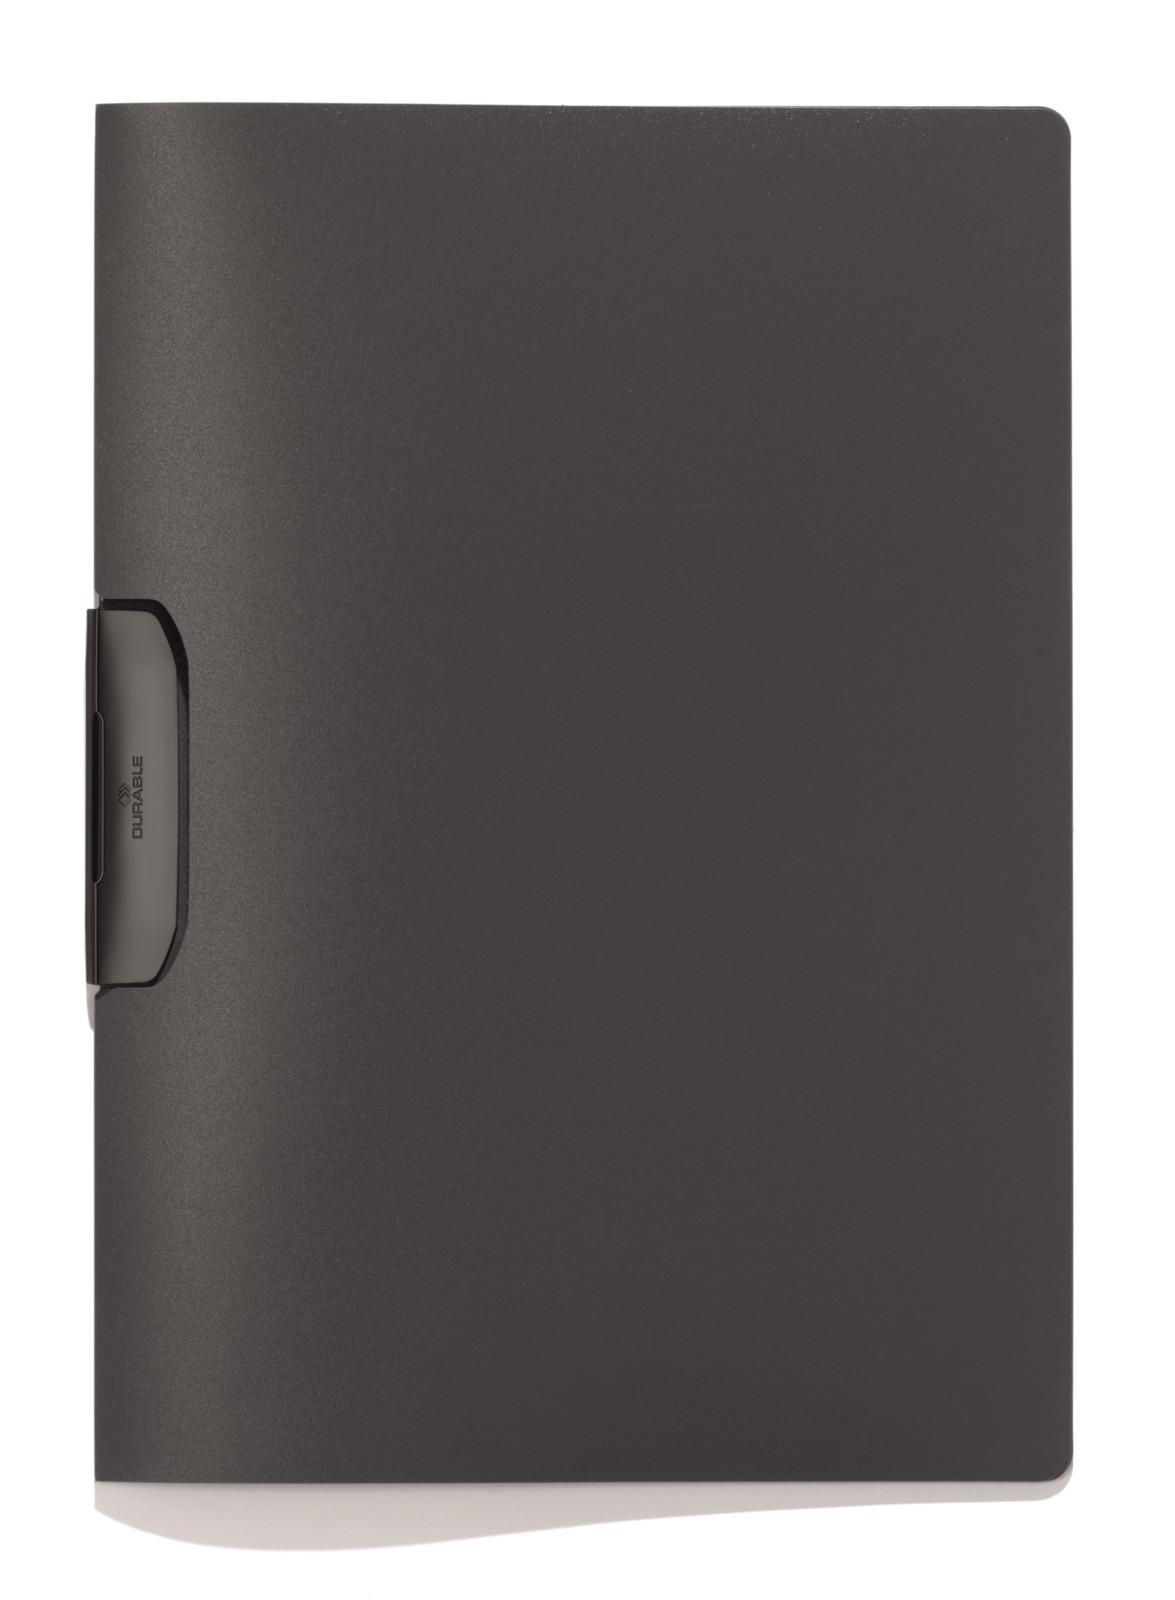 Папка Durable Duraswing на 30 листов, 2295-57, темно-серый2295-57Папка с пластиковым клипом из цветного полупрозрачного полипропилена. Скрепляет до 30 листов.